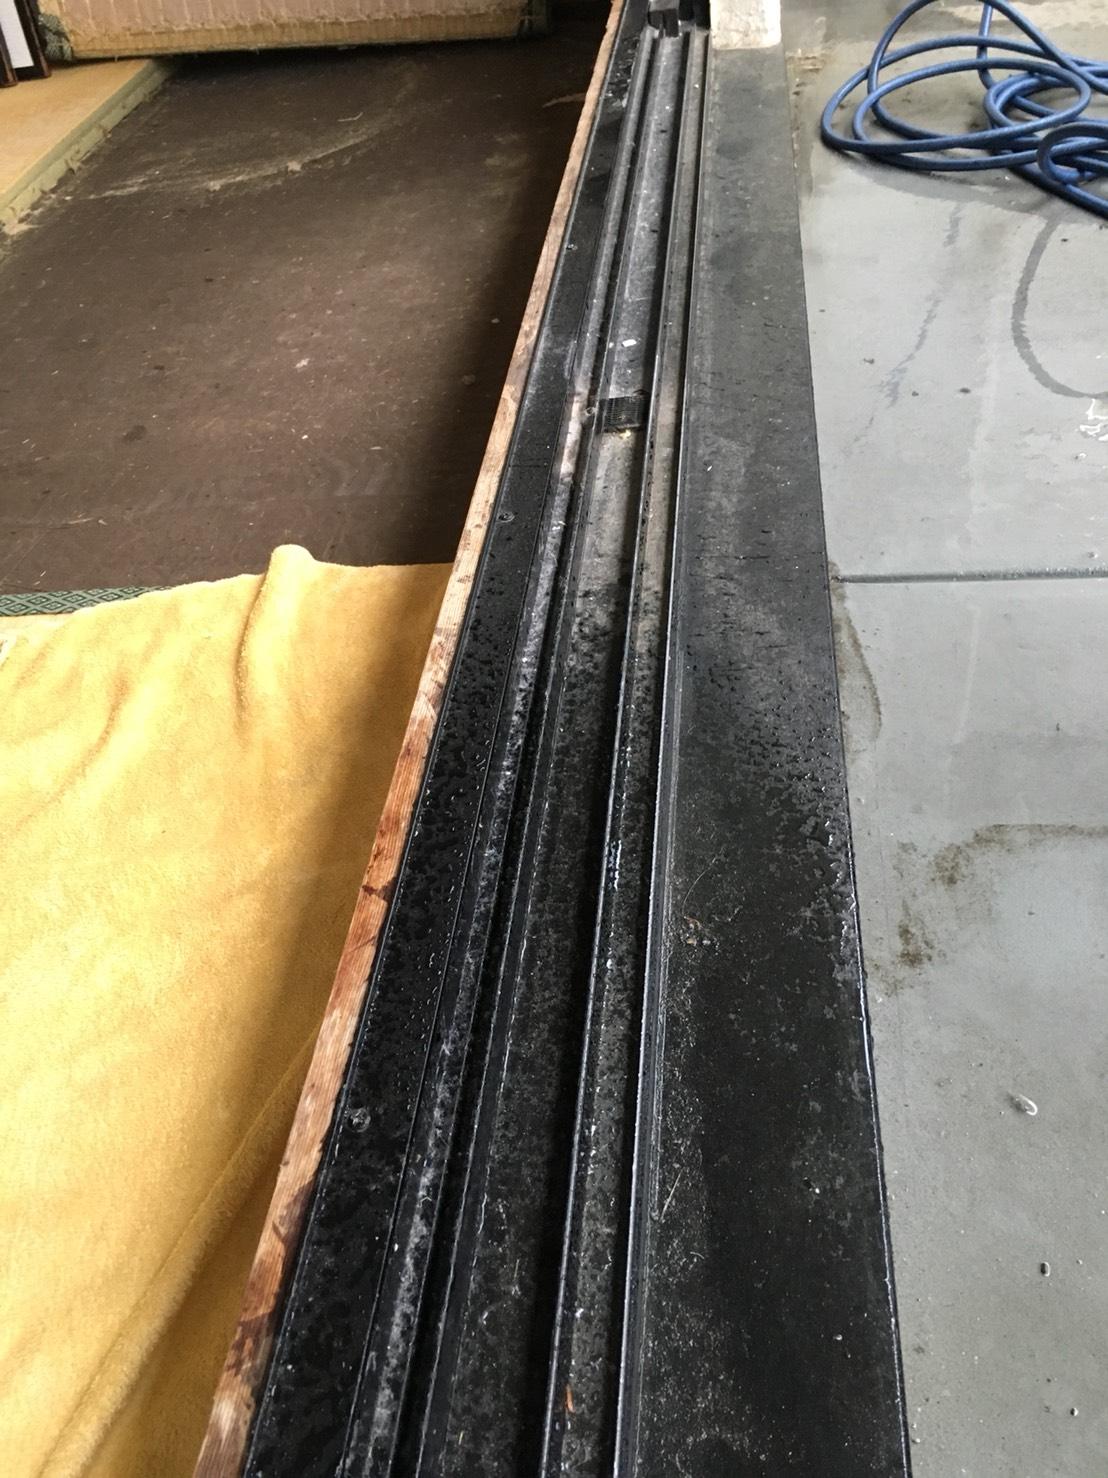 窓のサッシ清掃・ハウスクリーニングNO.1はおそうじプラスにお任せ下さい!お見積はもちろん出張料も無料で対応~